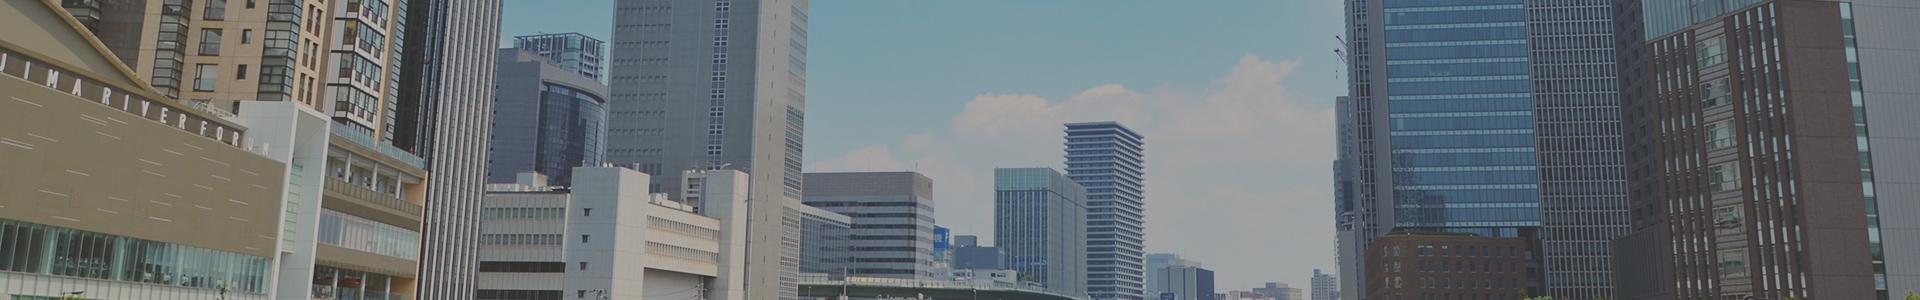 写真:大阪ビル群